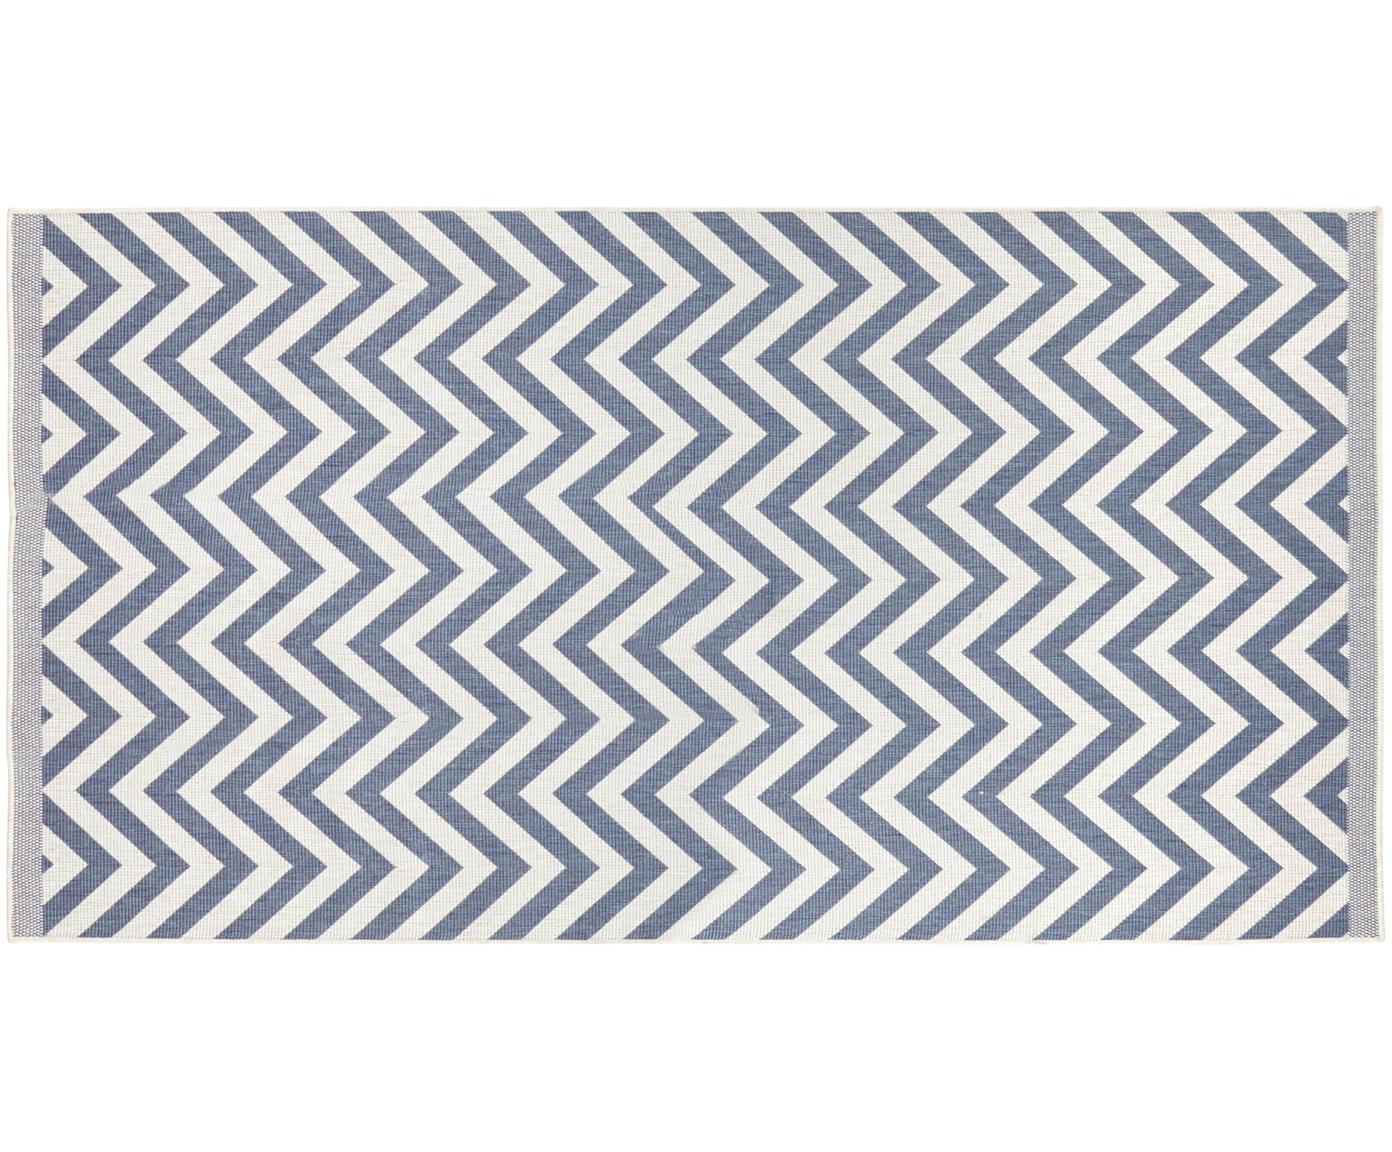 Tappeto reversibile da interno-esterno Palma, Blu, crema, Larg. 80 x Lung. 150 cm (taglia XS)